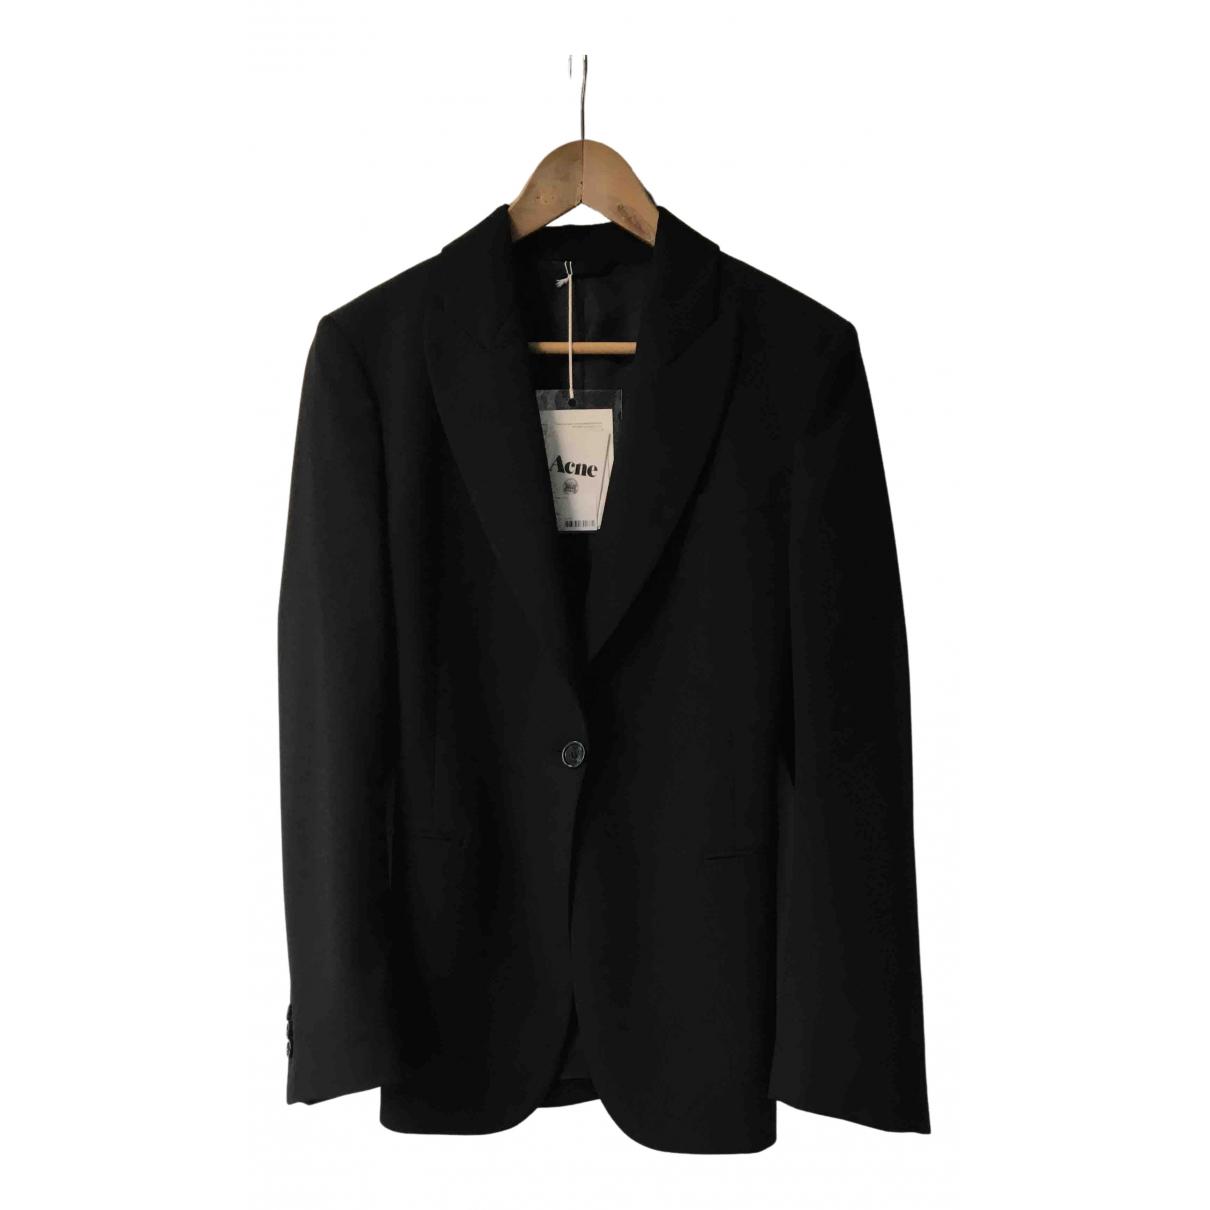 Acne Studios \N Black Wool jacket for Women 34 FR